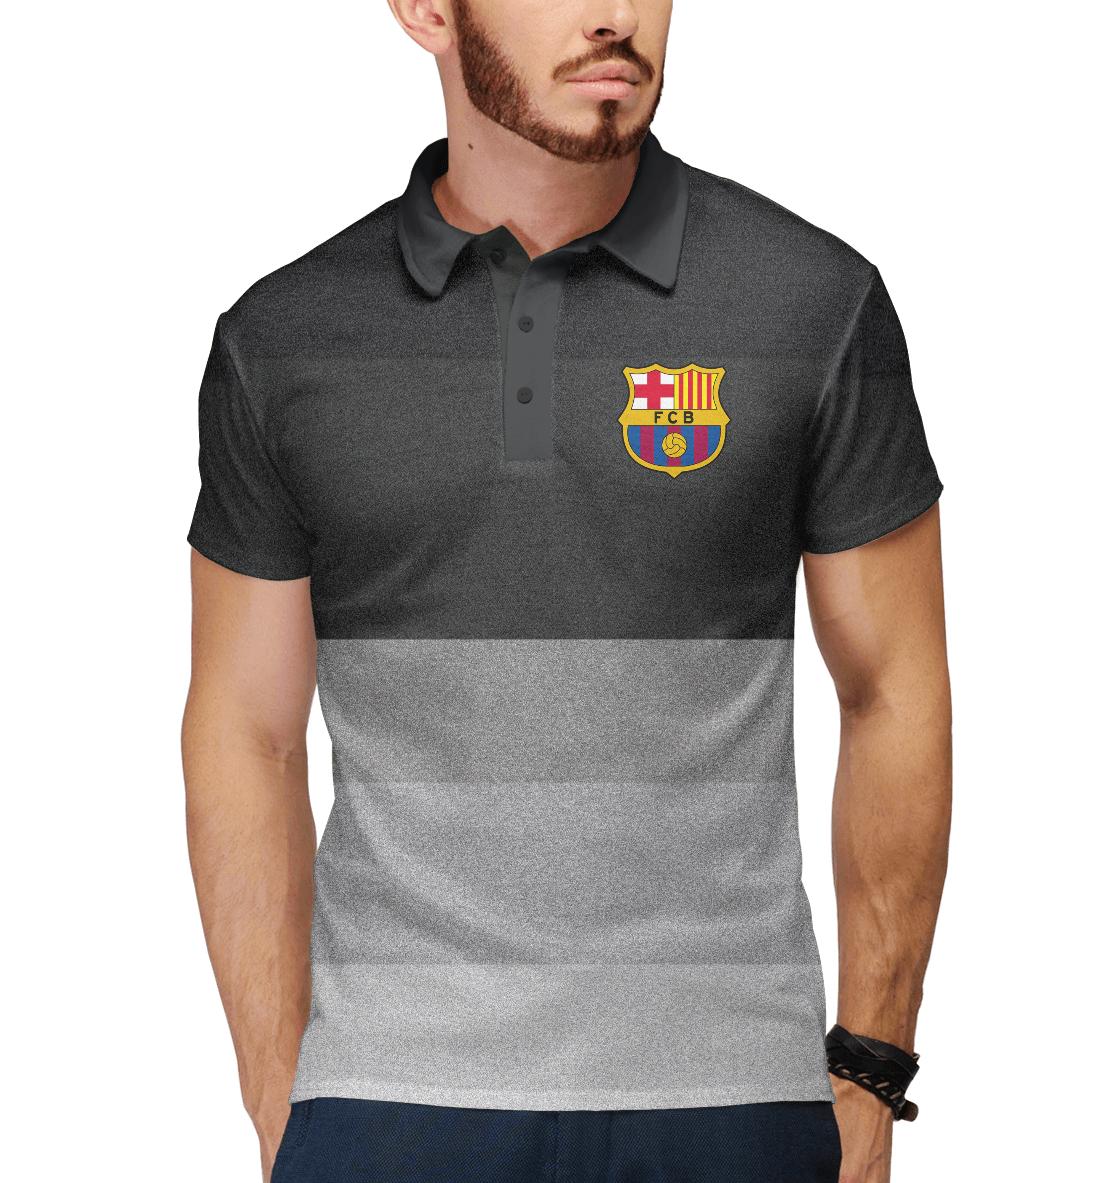 Купить Барселона, Printbar, Поло, BAR-900033-pol-2